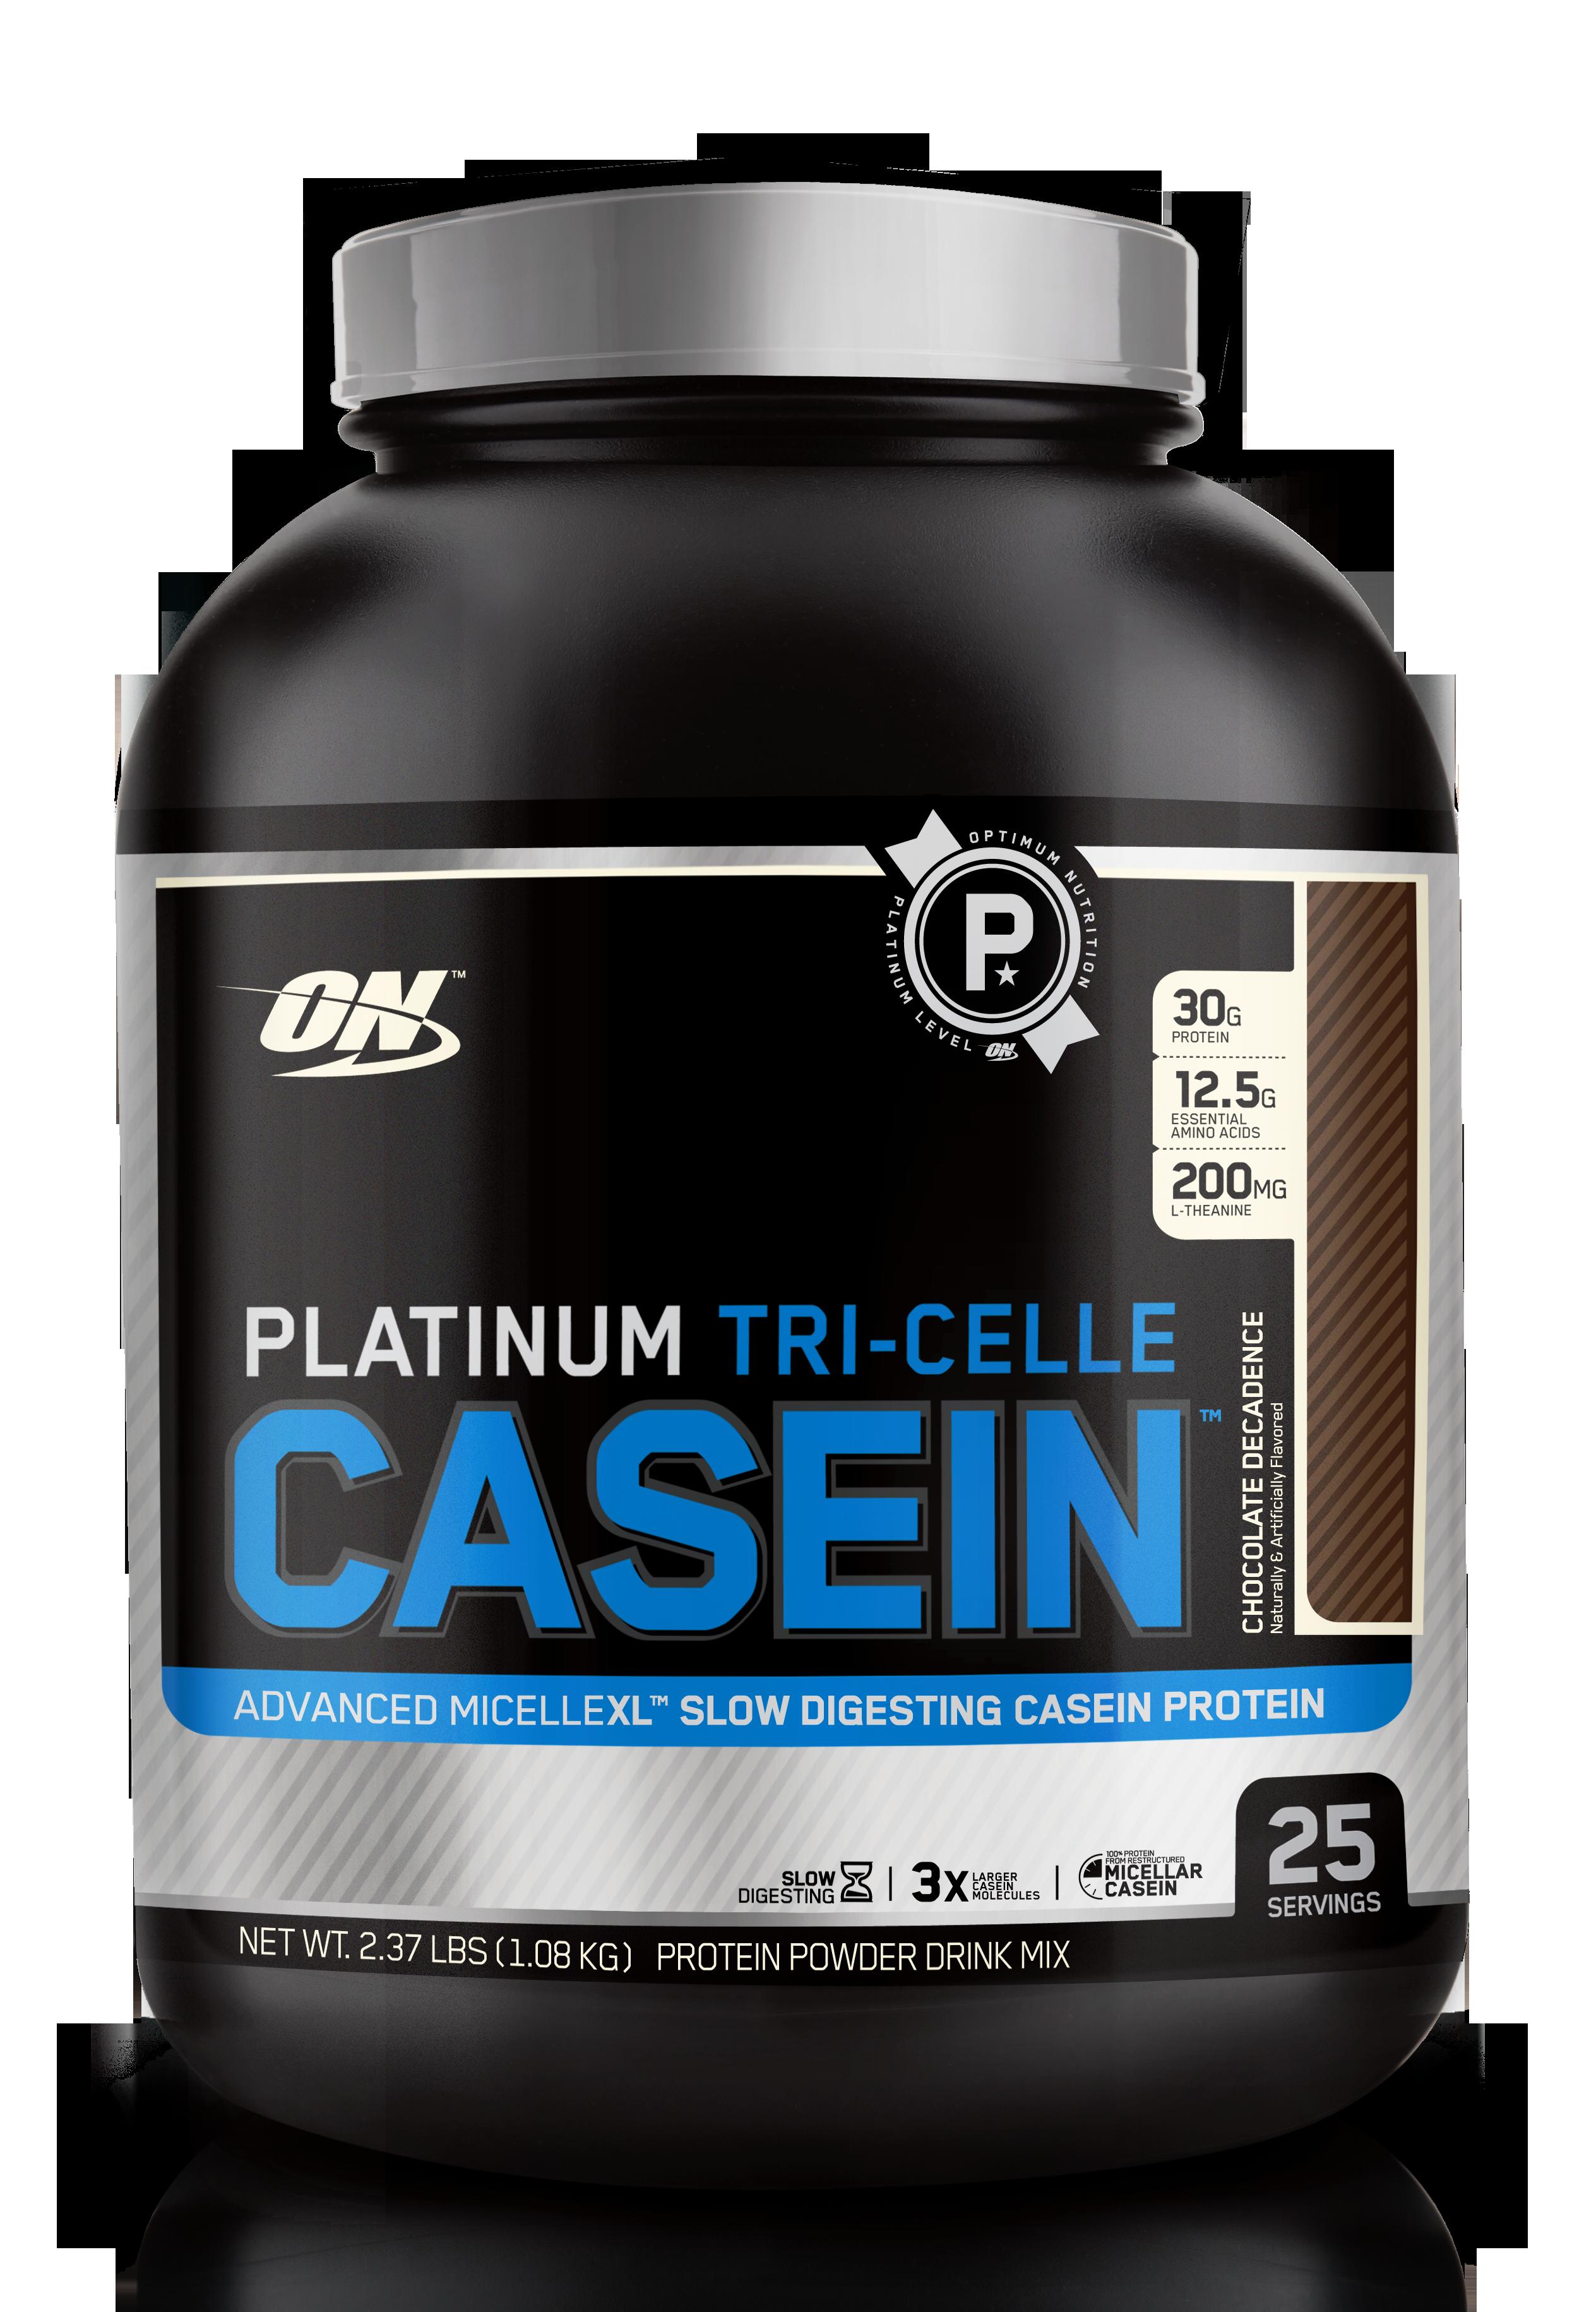 Optimum Nutrition Platinum Tri Celle Casein Chocolate Decadence 2 3LBS